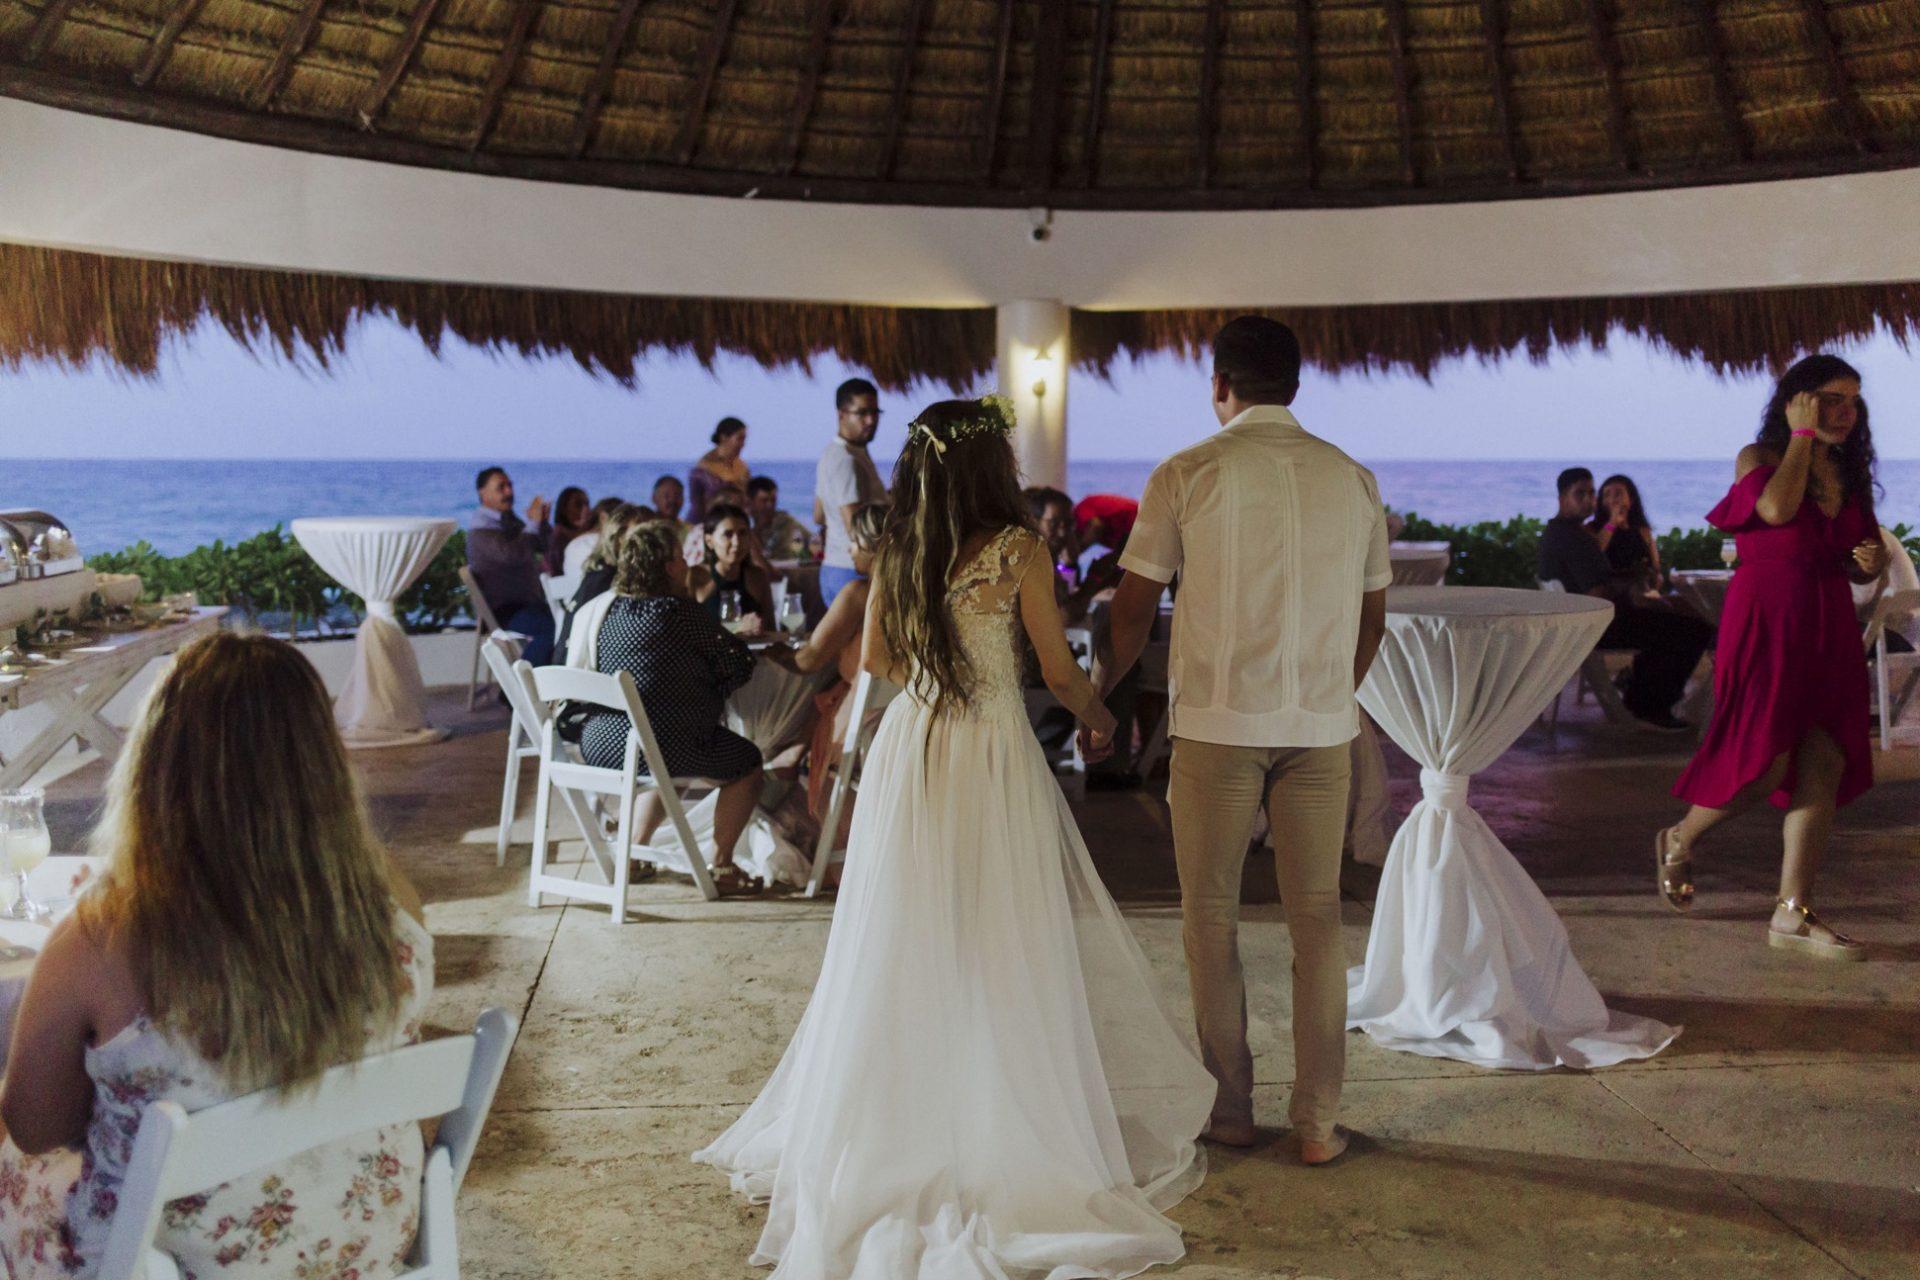 fotografo_bodas_profesional_zacatecas_riviera_maya_cancun-133